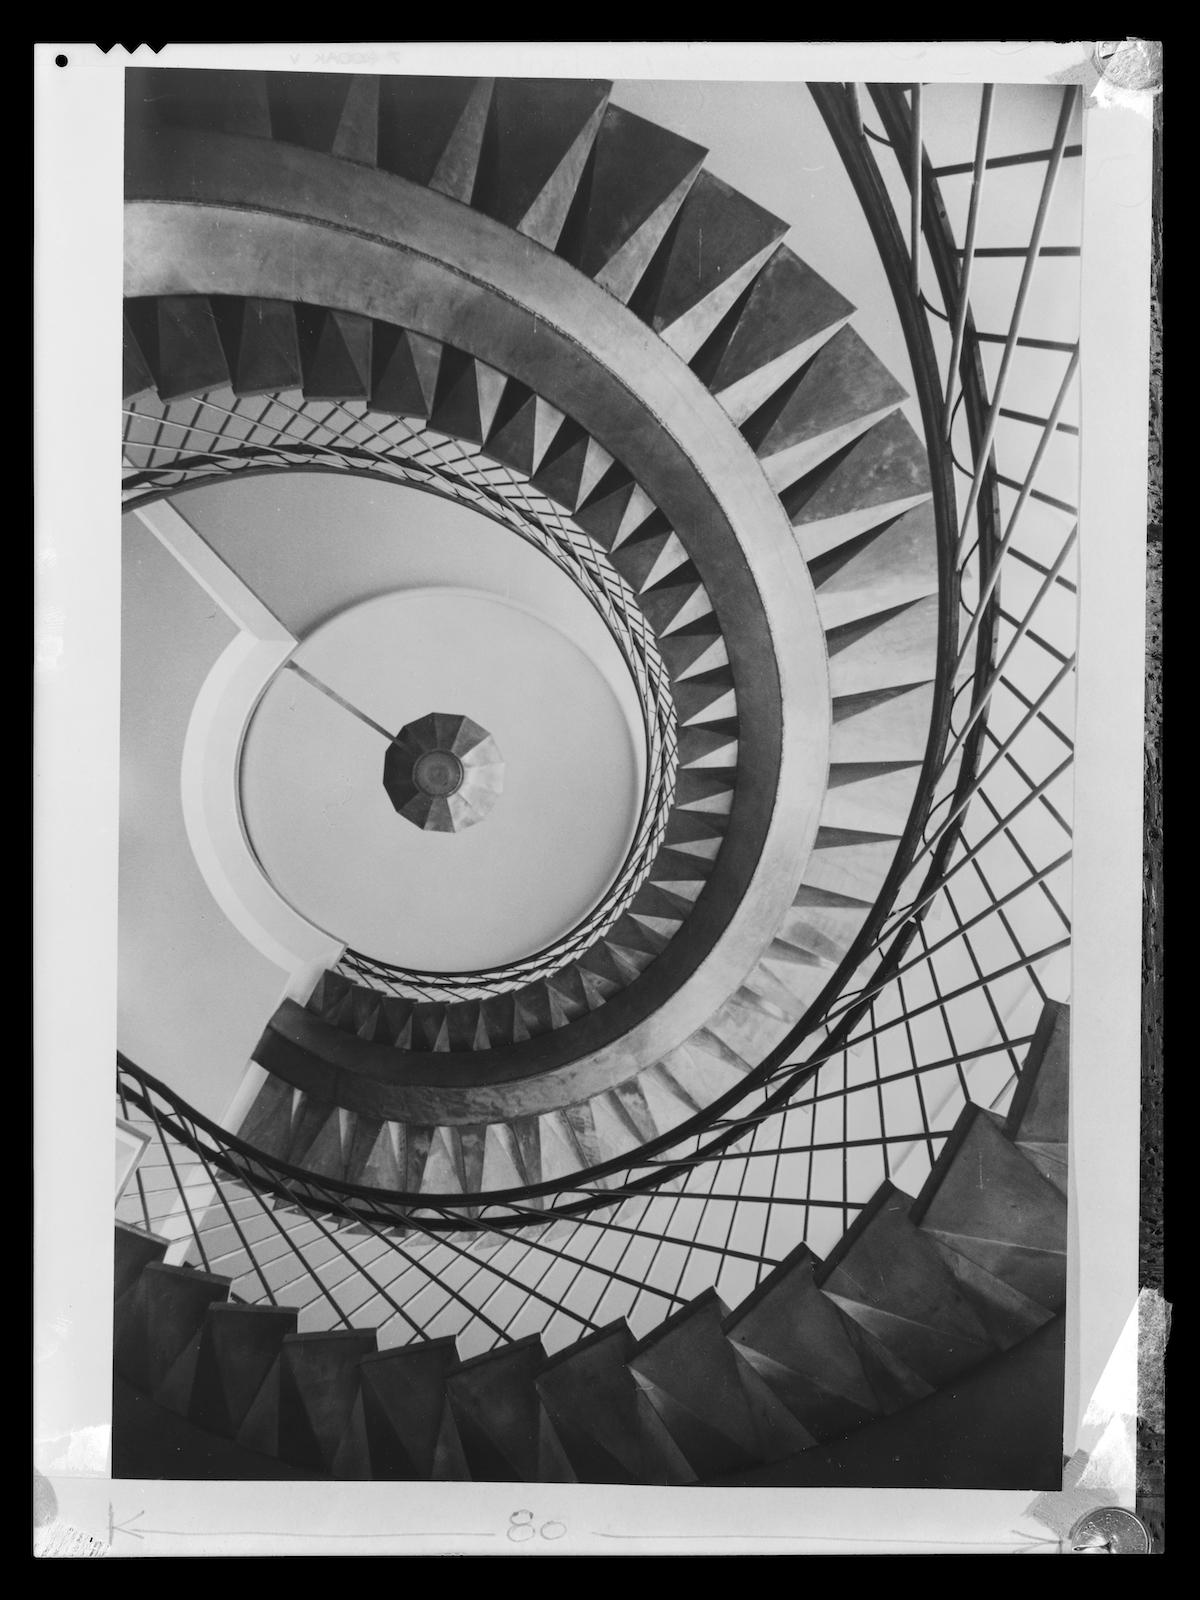 Paul Henrot, Escalier de l'IRSID (Institut de recherche de la sidérurgie) à Saint-Germain-en-Laye, 1953, Négatif souple, Don Marcelle Henrot, 1987, Paul Henrot /